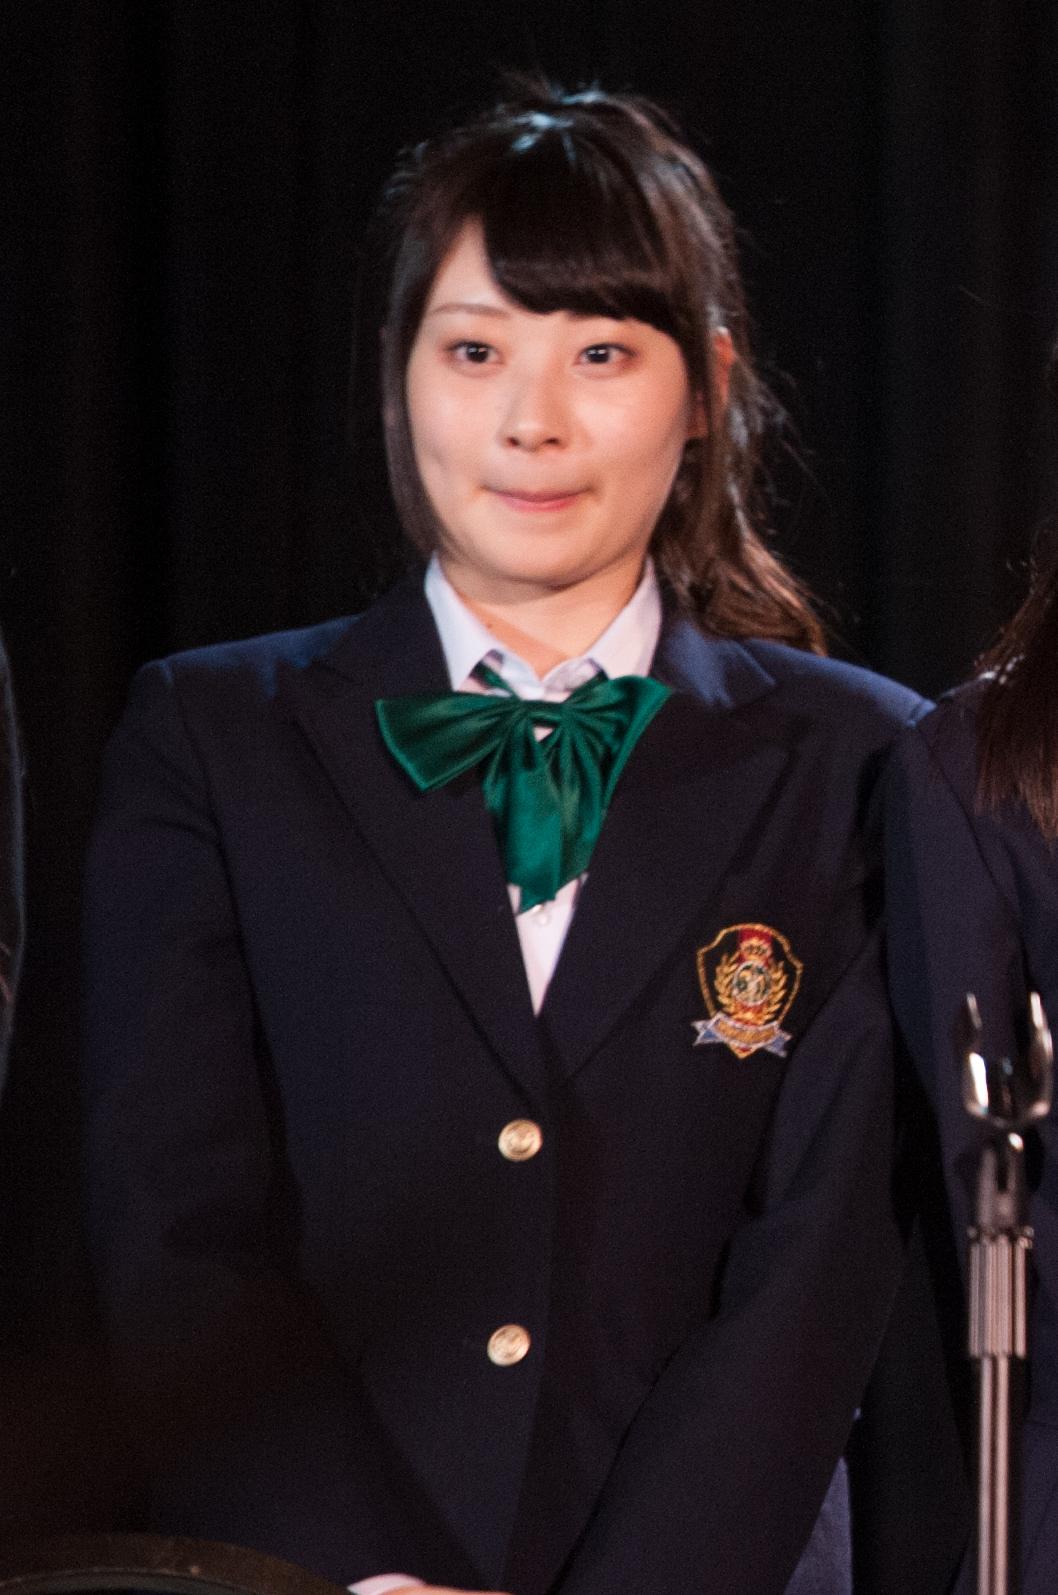 山下七海 - Wikipedia